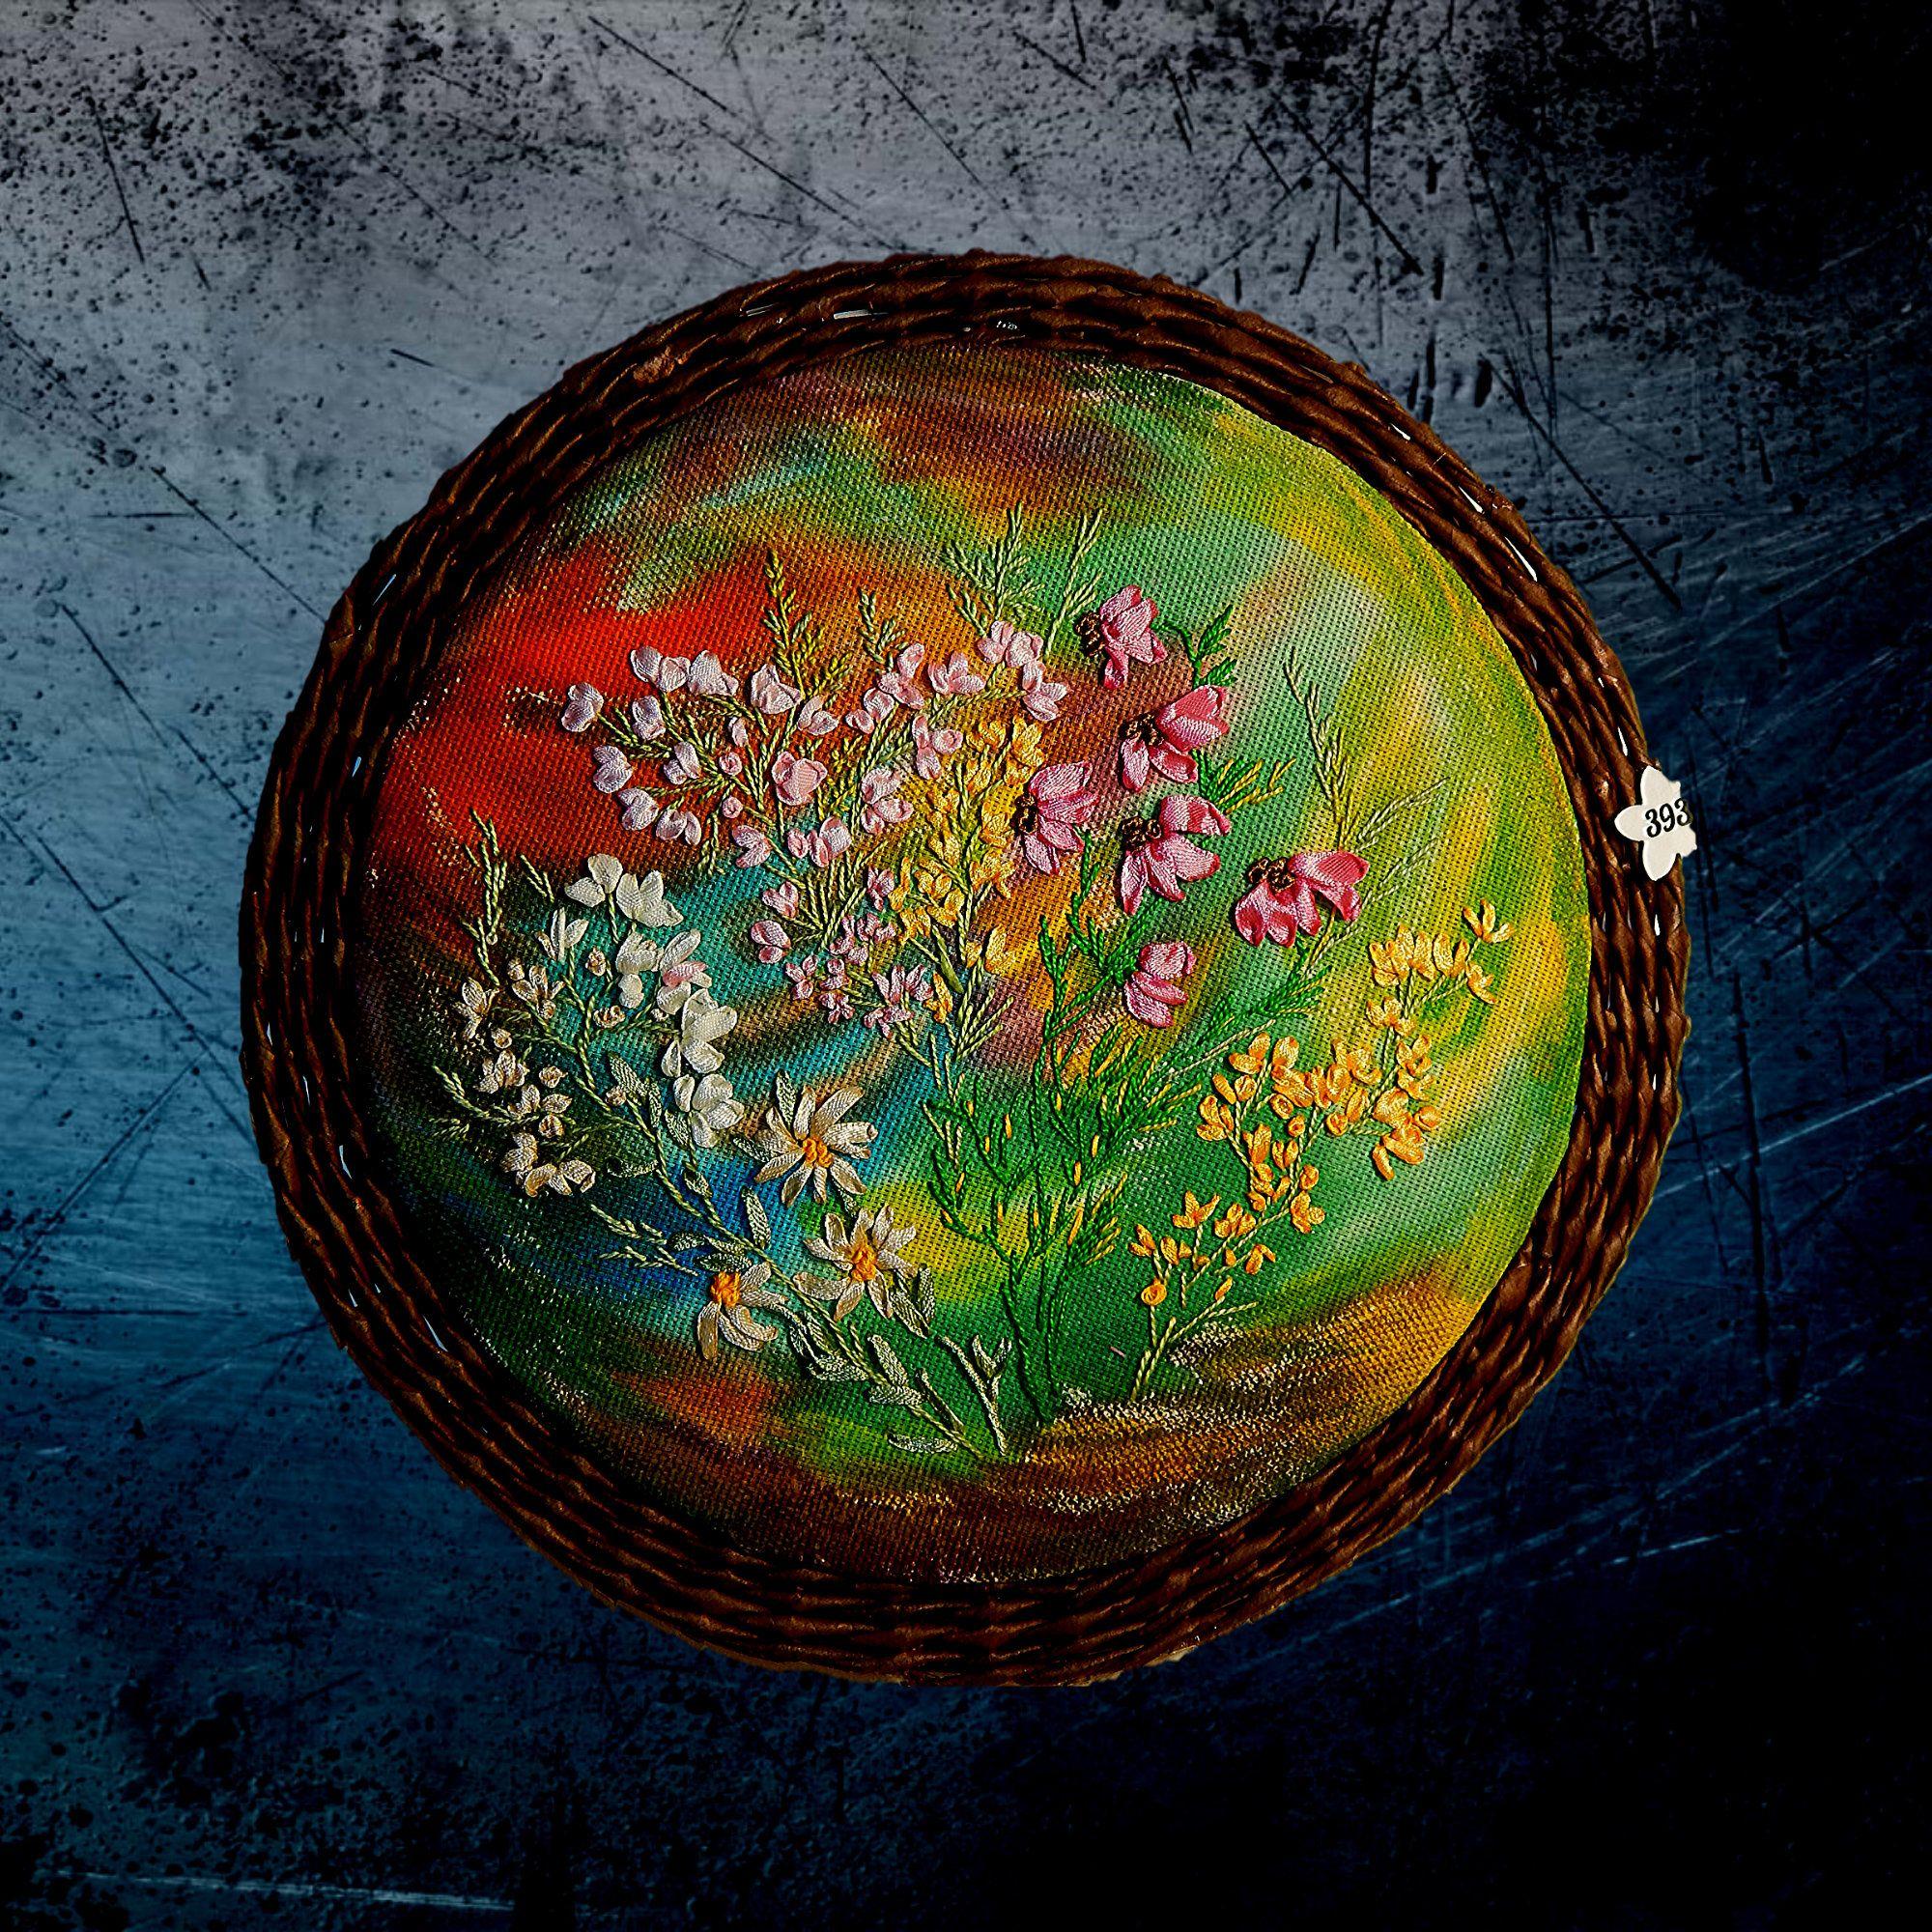 393 flower garden grand mothers flower grand mother gift